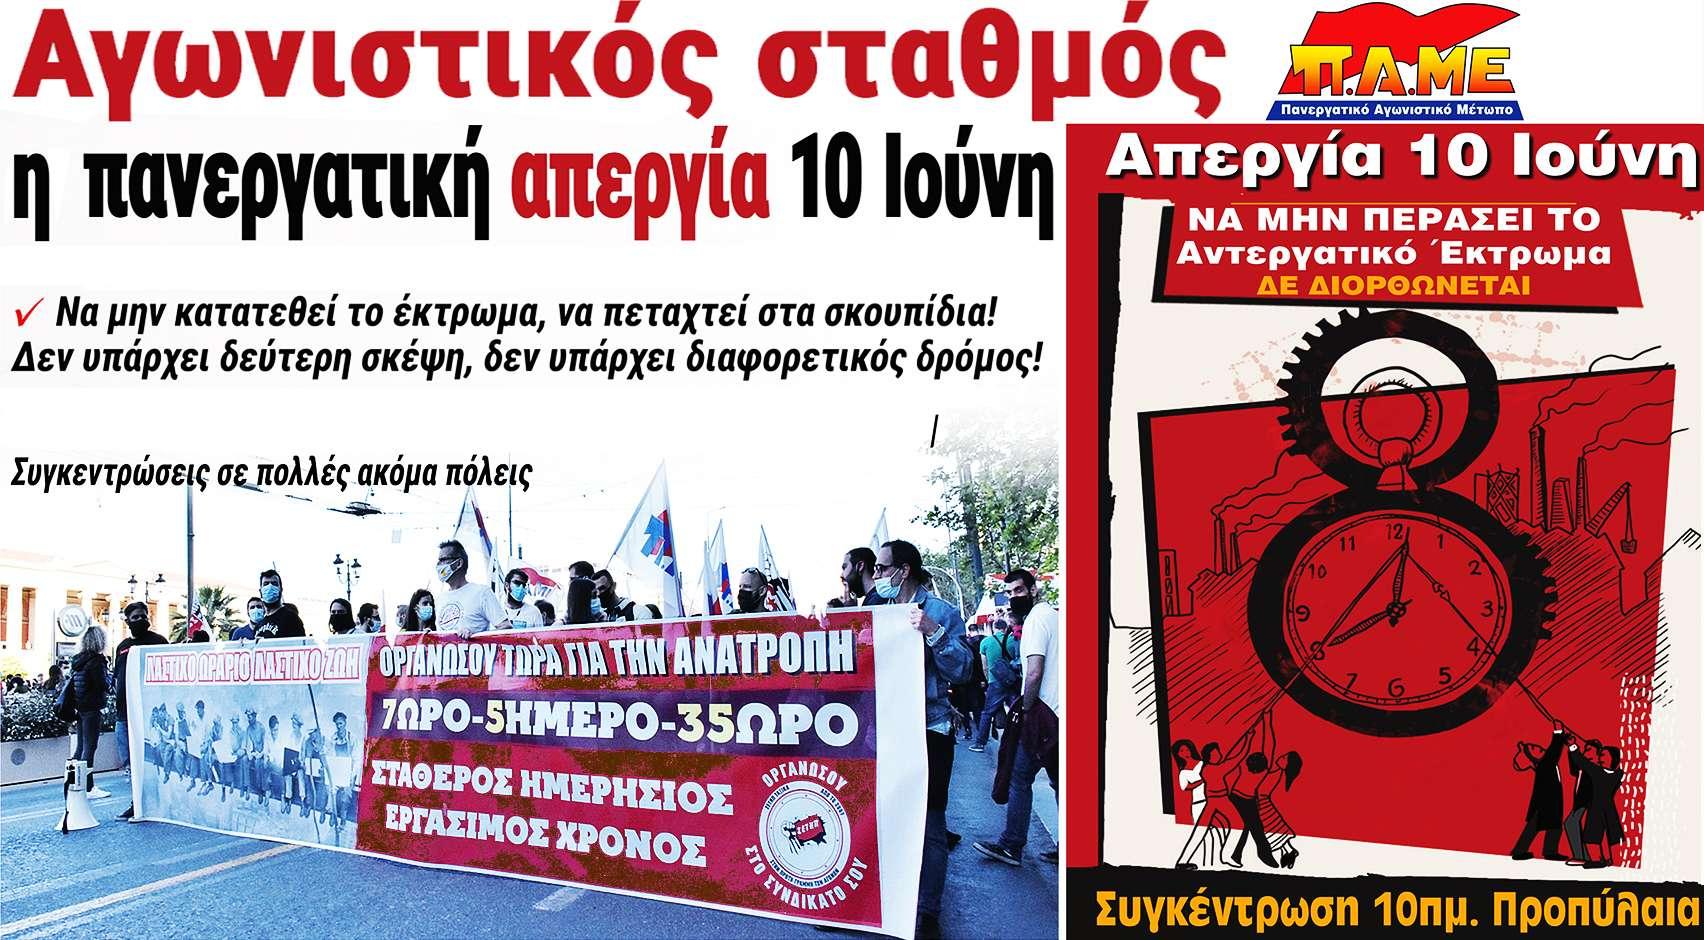 Απεργία 10 Ιούνη